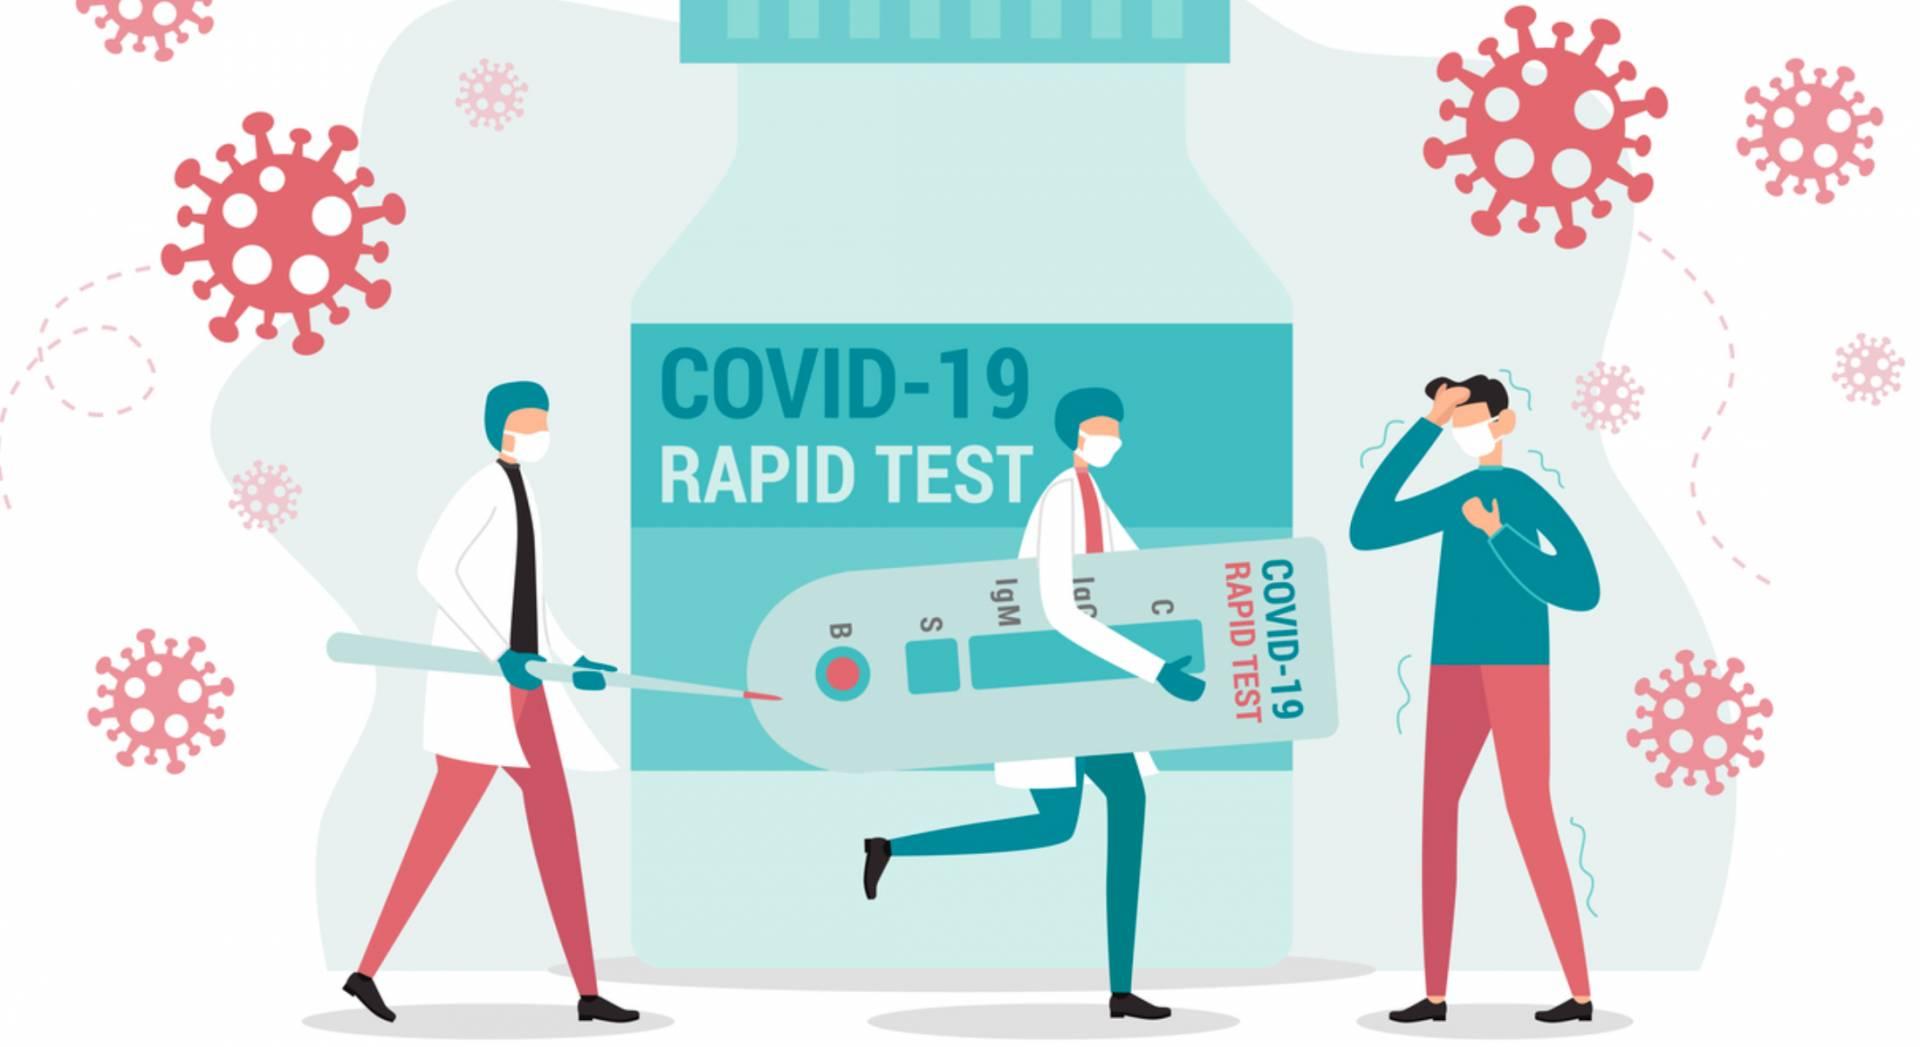 Το σχέδιο για τους ανεμβολίαστους: Στην εργασία με μοριακό ή rapid test- Οι σκέψεις για το λιανεμπόριο